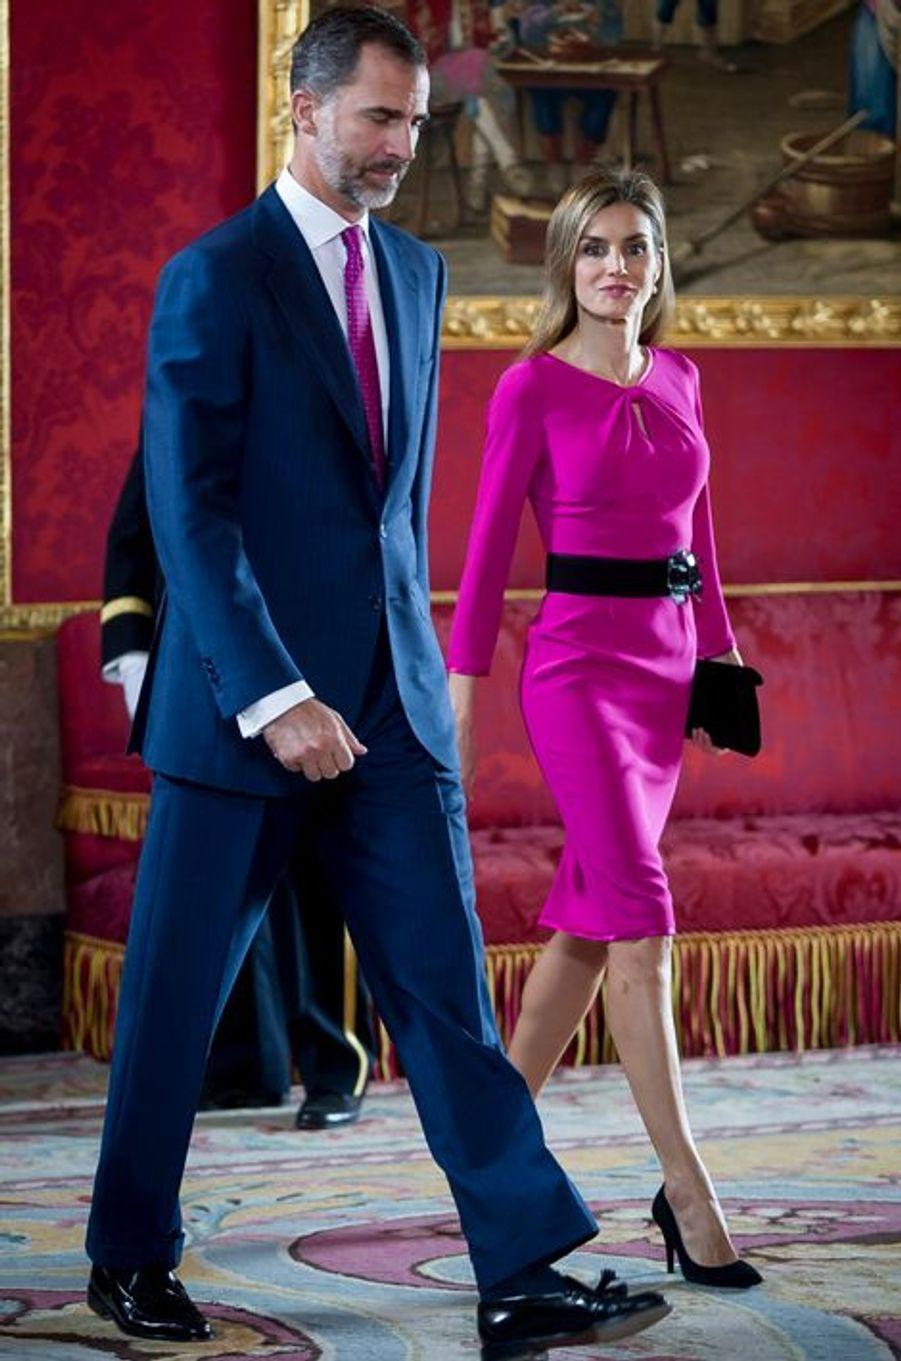 Felipe VI d'Espagne et Letizia reçoivent le président de la République du Honduras et son épouse au Palais royal à Madrid le 1er octobre 2014